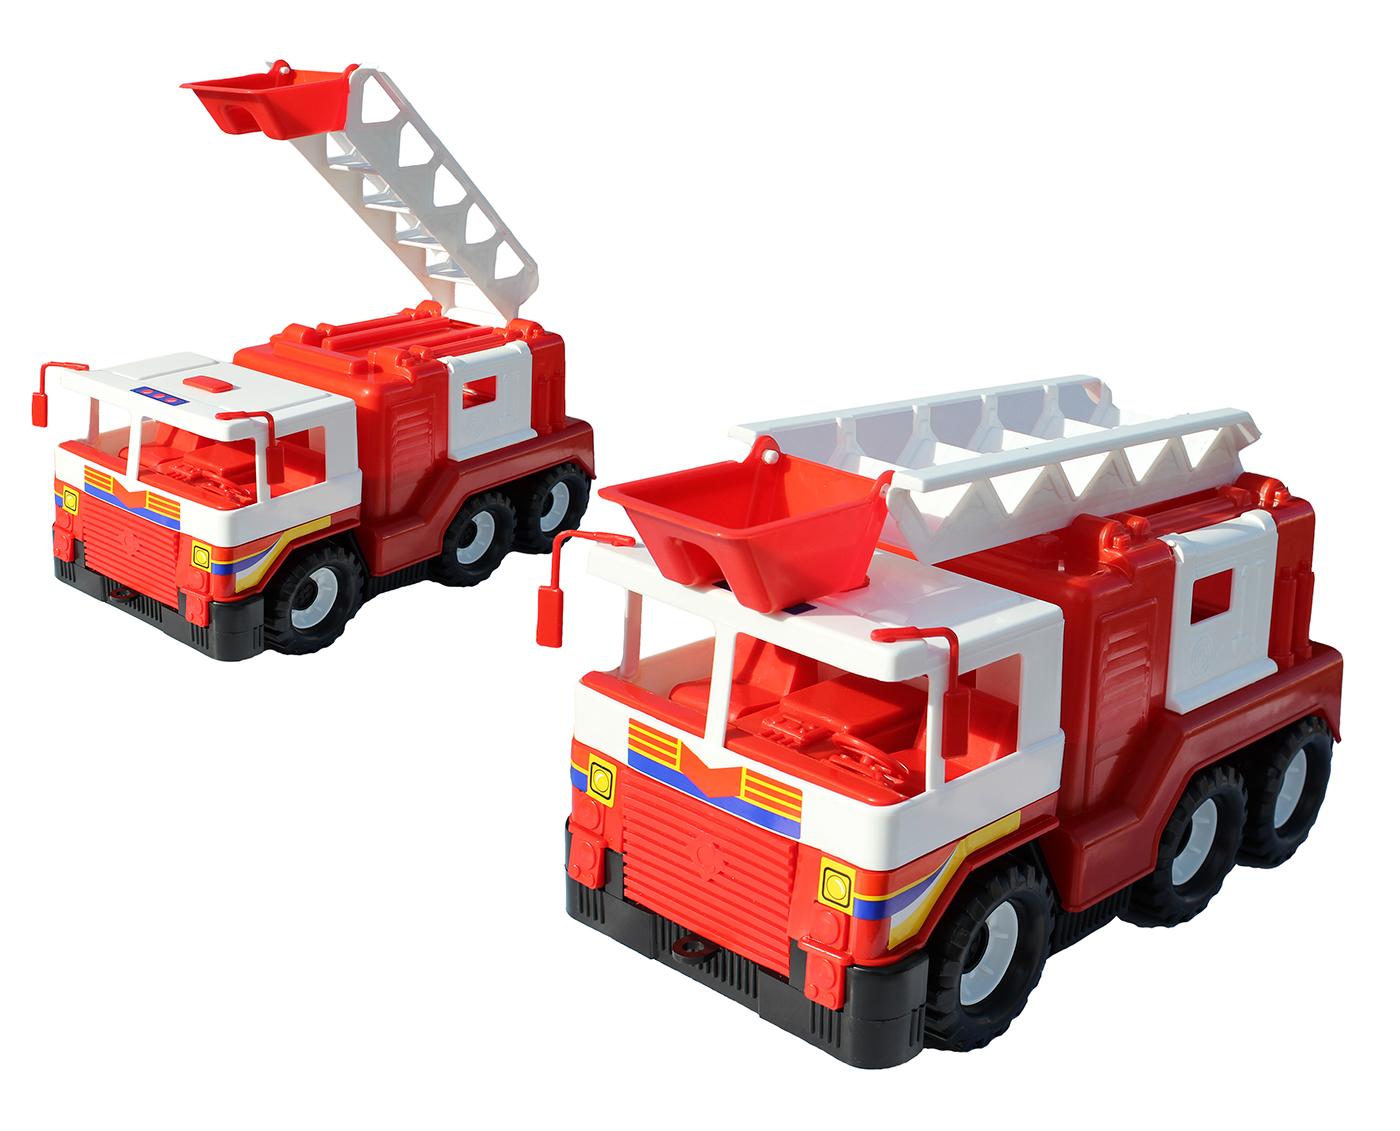 Пожарная машина с поднимающейся лестницейПожарная техника, машины<br>Пожарная машина с поднимающейся лестницей<br>